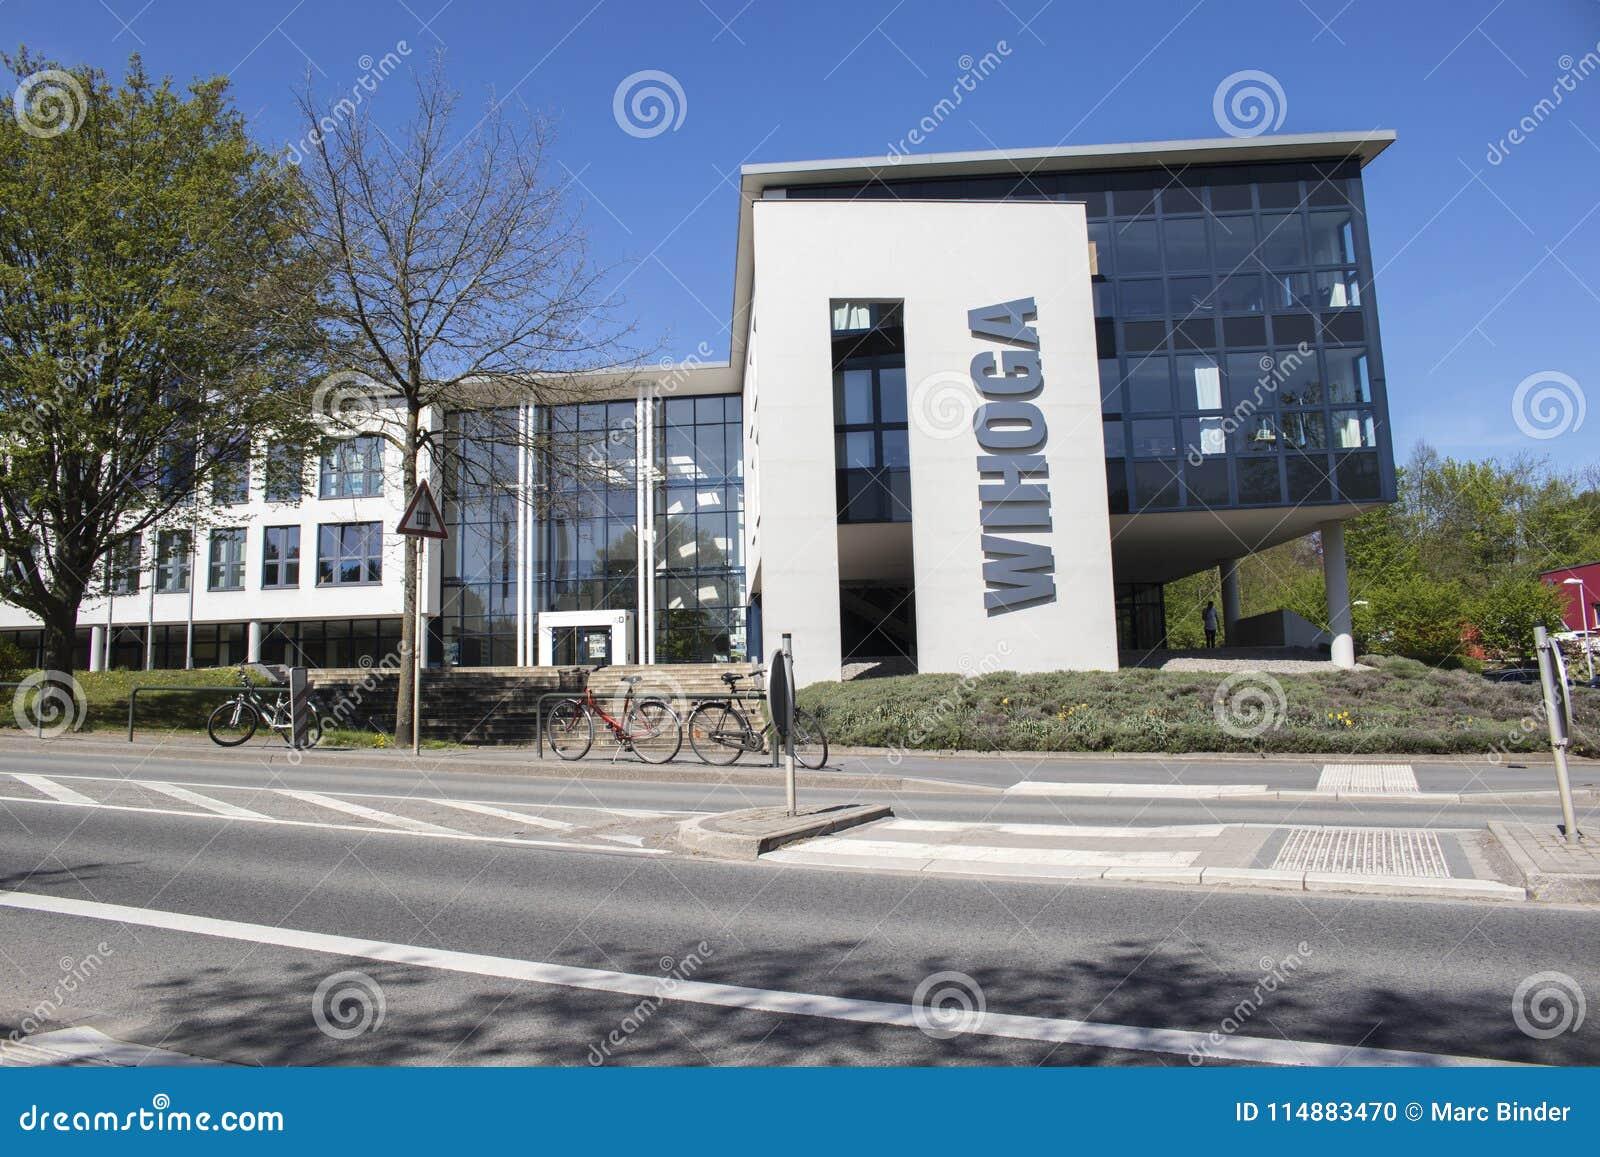 Область Дортмунда, Рура, северный Рейн Вестфалия, Германия - 16-ое апреля 2018: Коммерческие школы для гостиничной отрасли, гастр